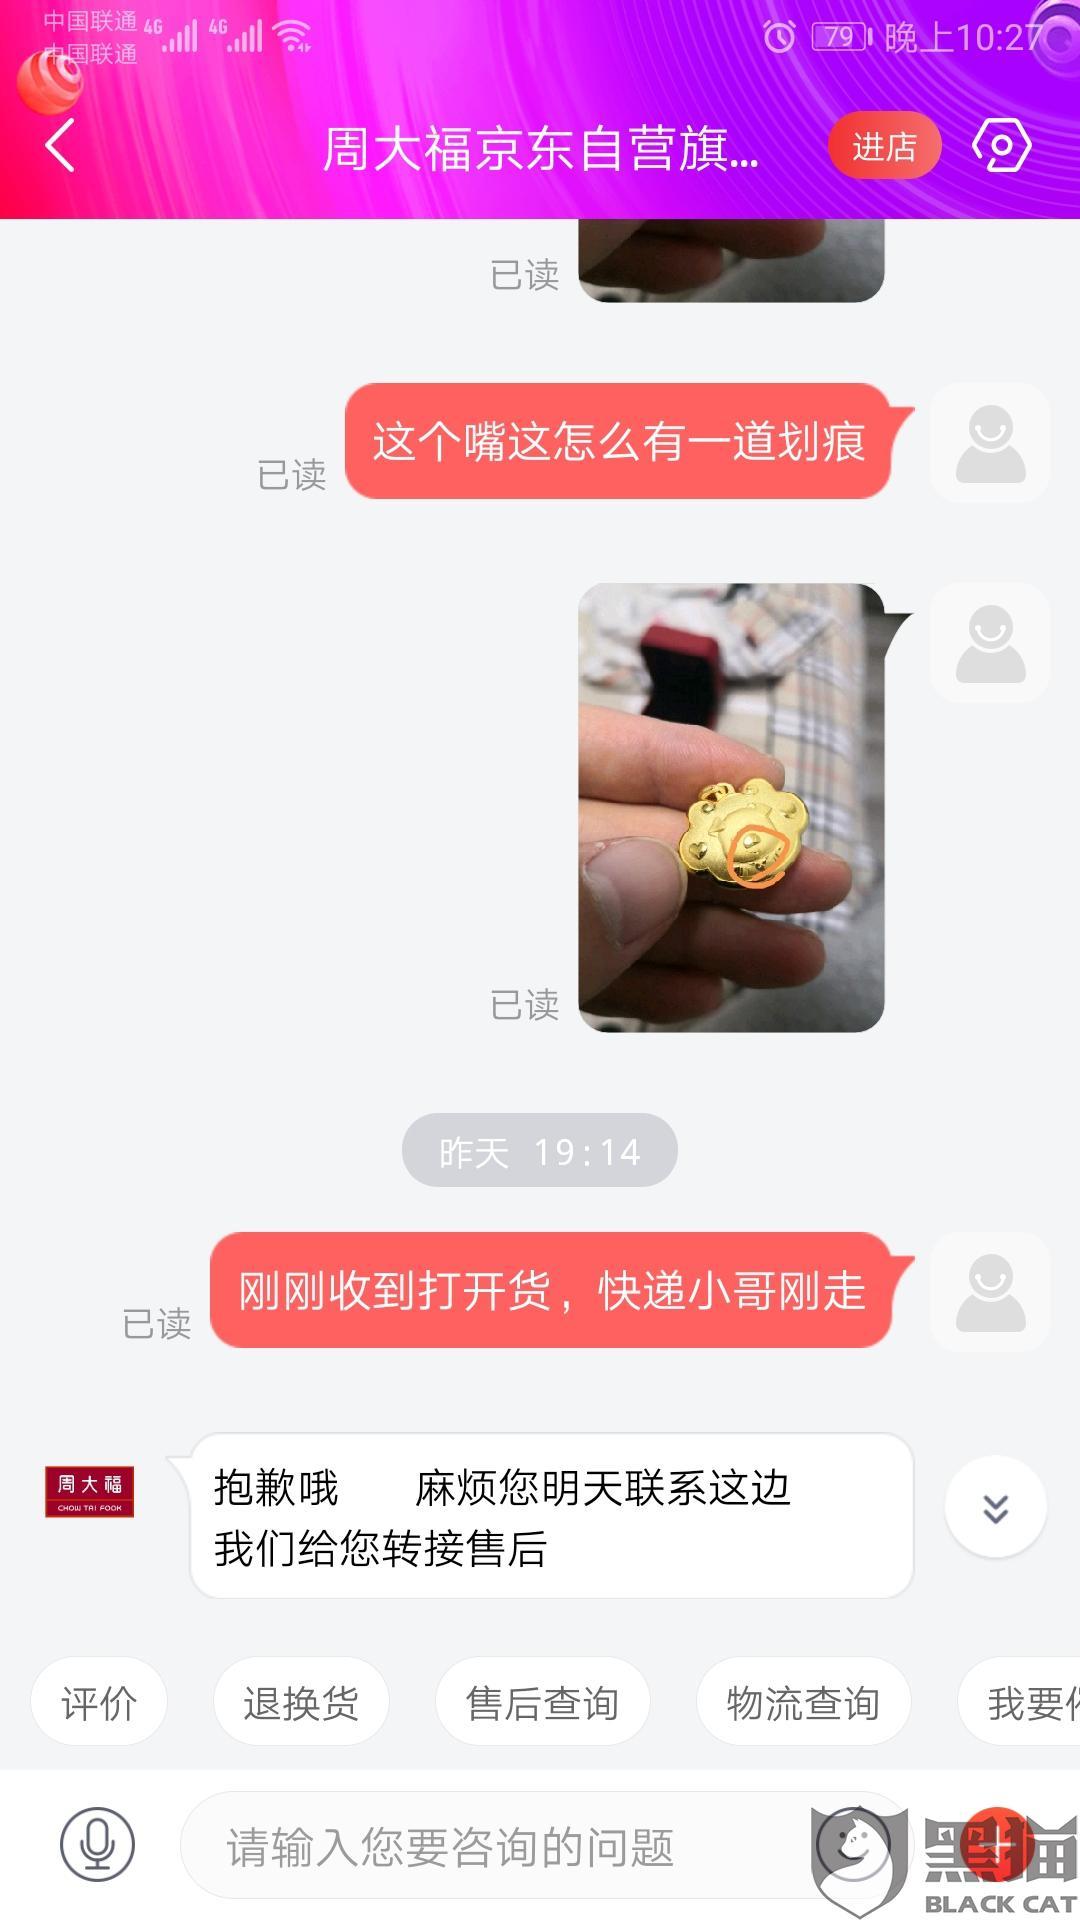 黑猫投诉:周大福京东自营旗舰店残次货品不处理